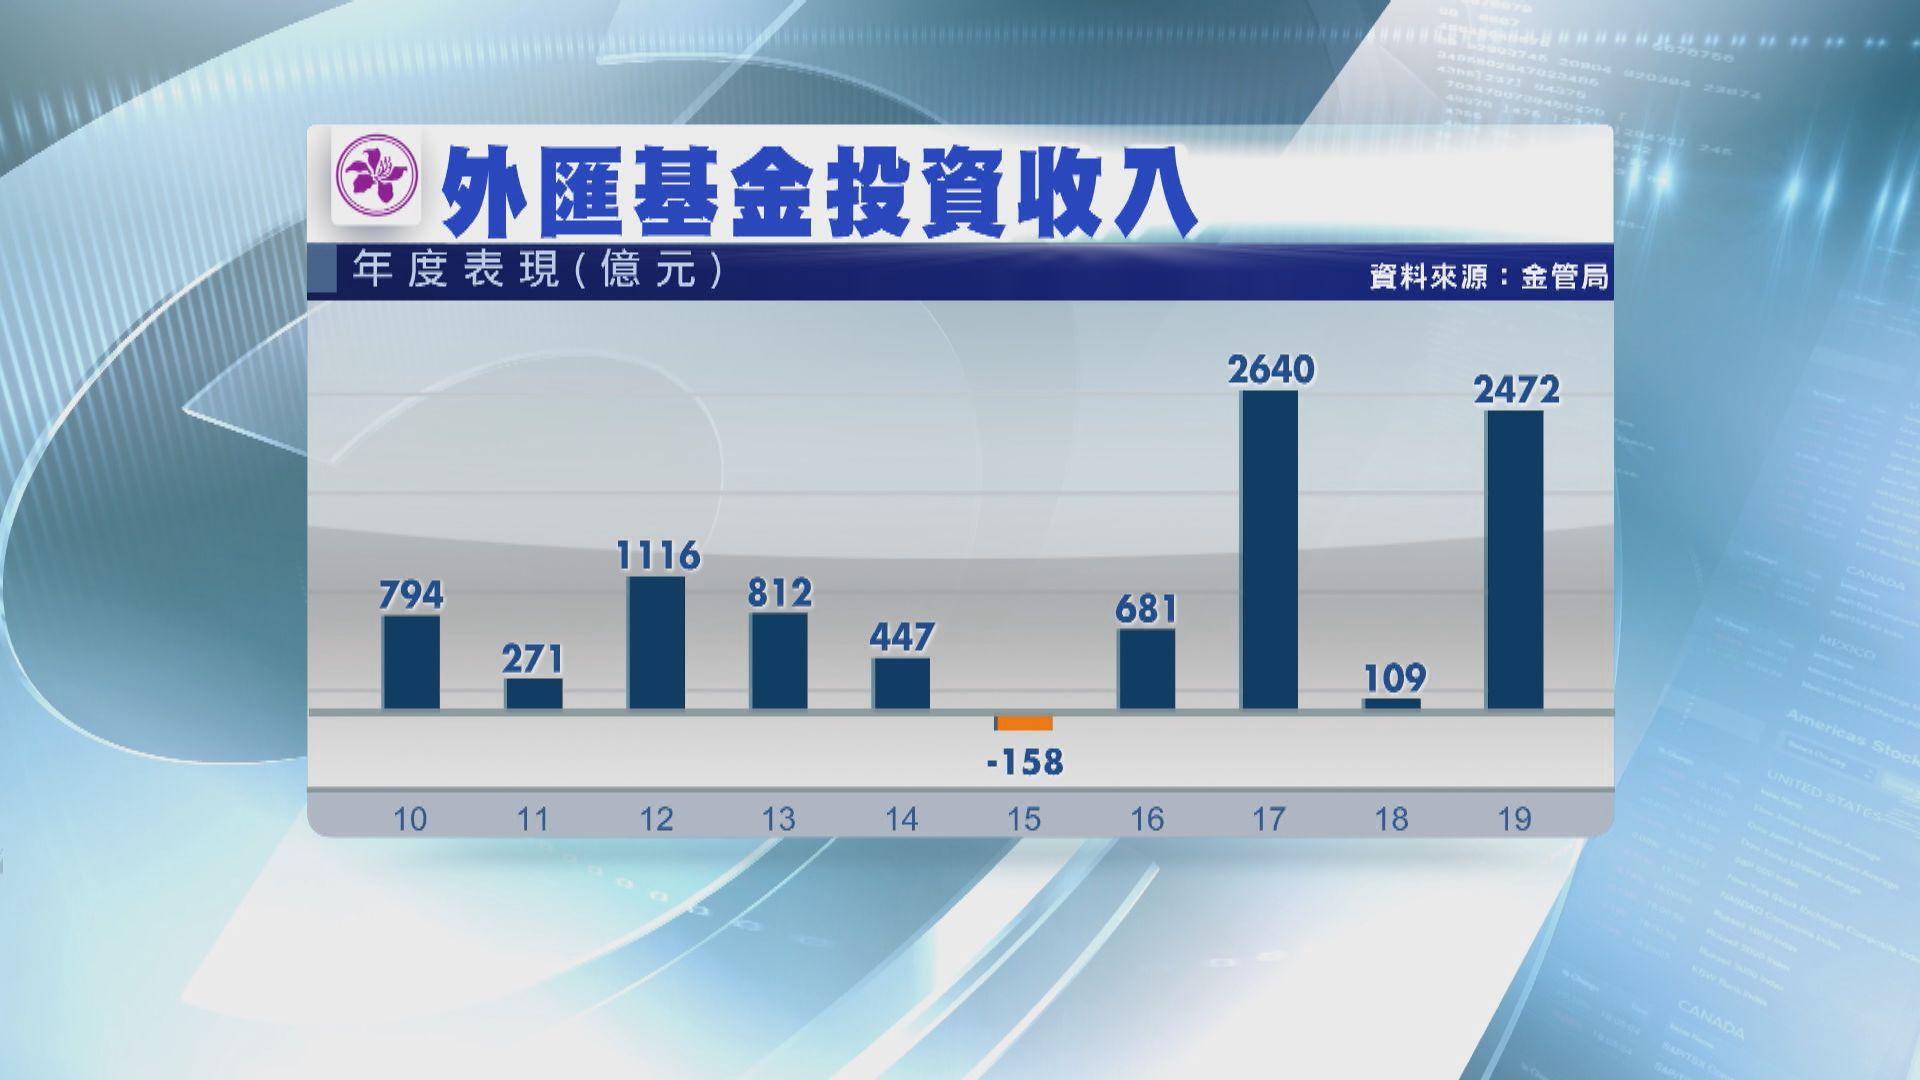 【歷來第二高】外匯基金去年投資收入2472億元